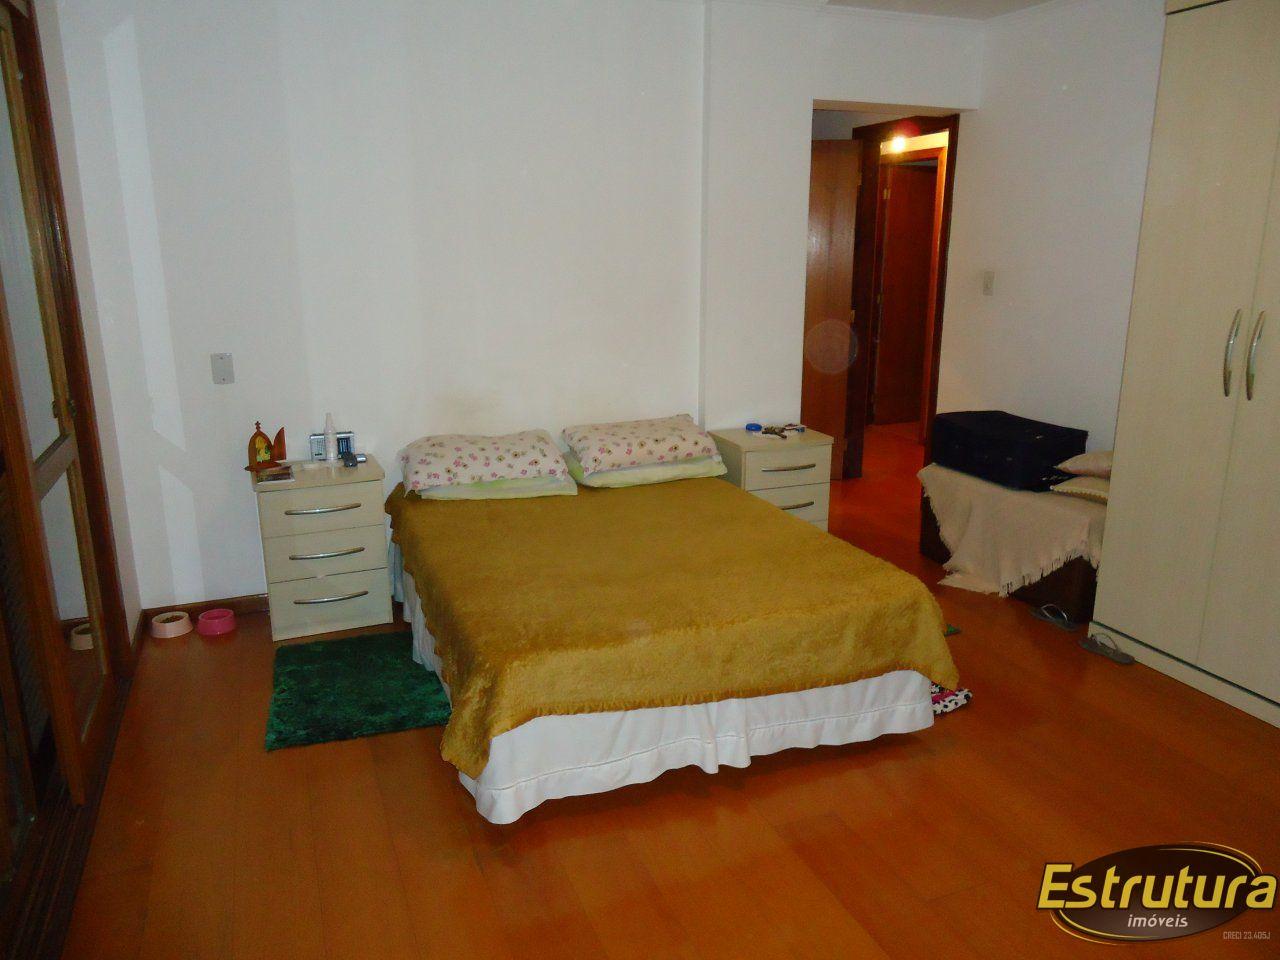 Apartamento com 4 Dormitórios à venda, 149 m² por R$ 780.000,00